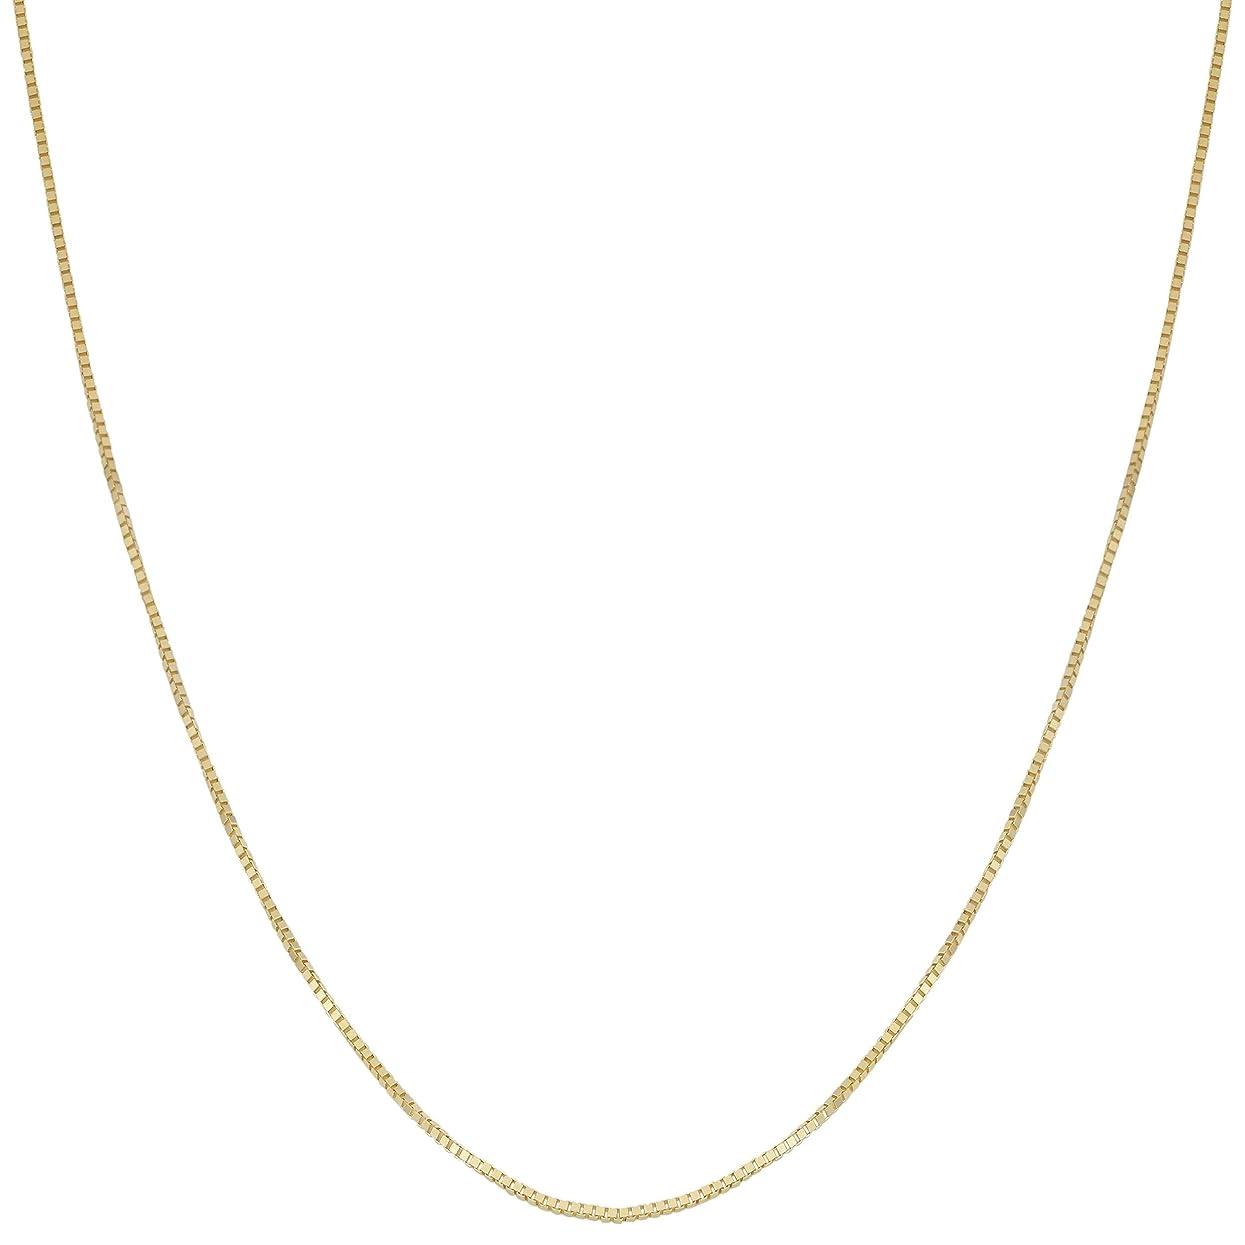 空スクラッチカフェVerona Jewelers 18K純金 0.6mmボックスチェーン スクエアボックスチェーンネックレス 18Kゴールドネックレス 18Kゴールドペンダントチェーン 16 18 20